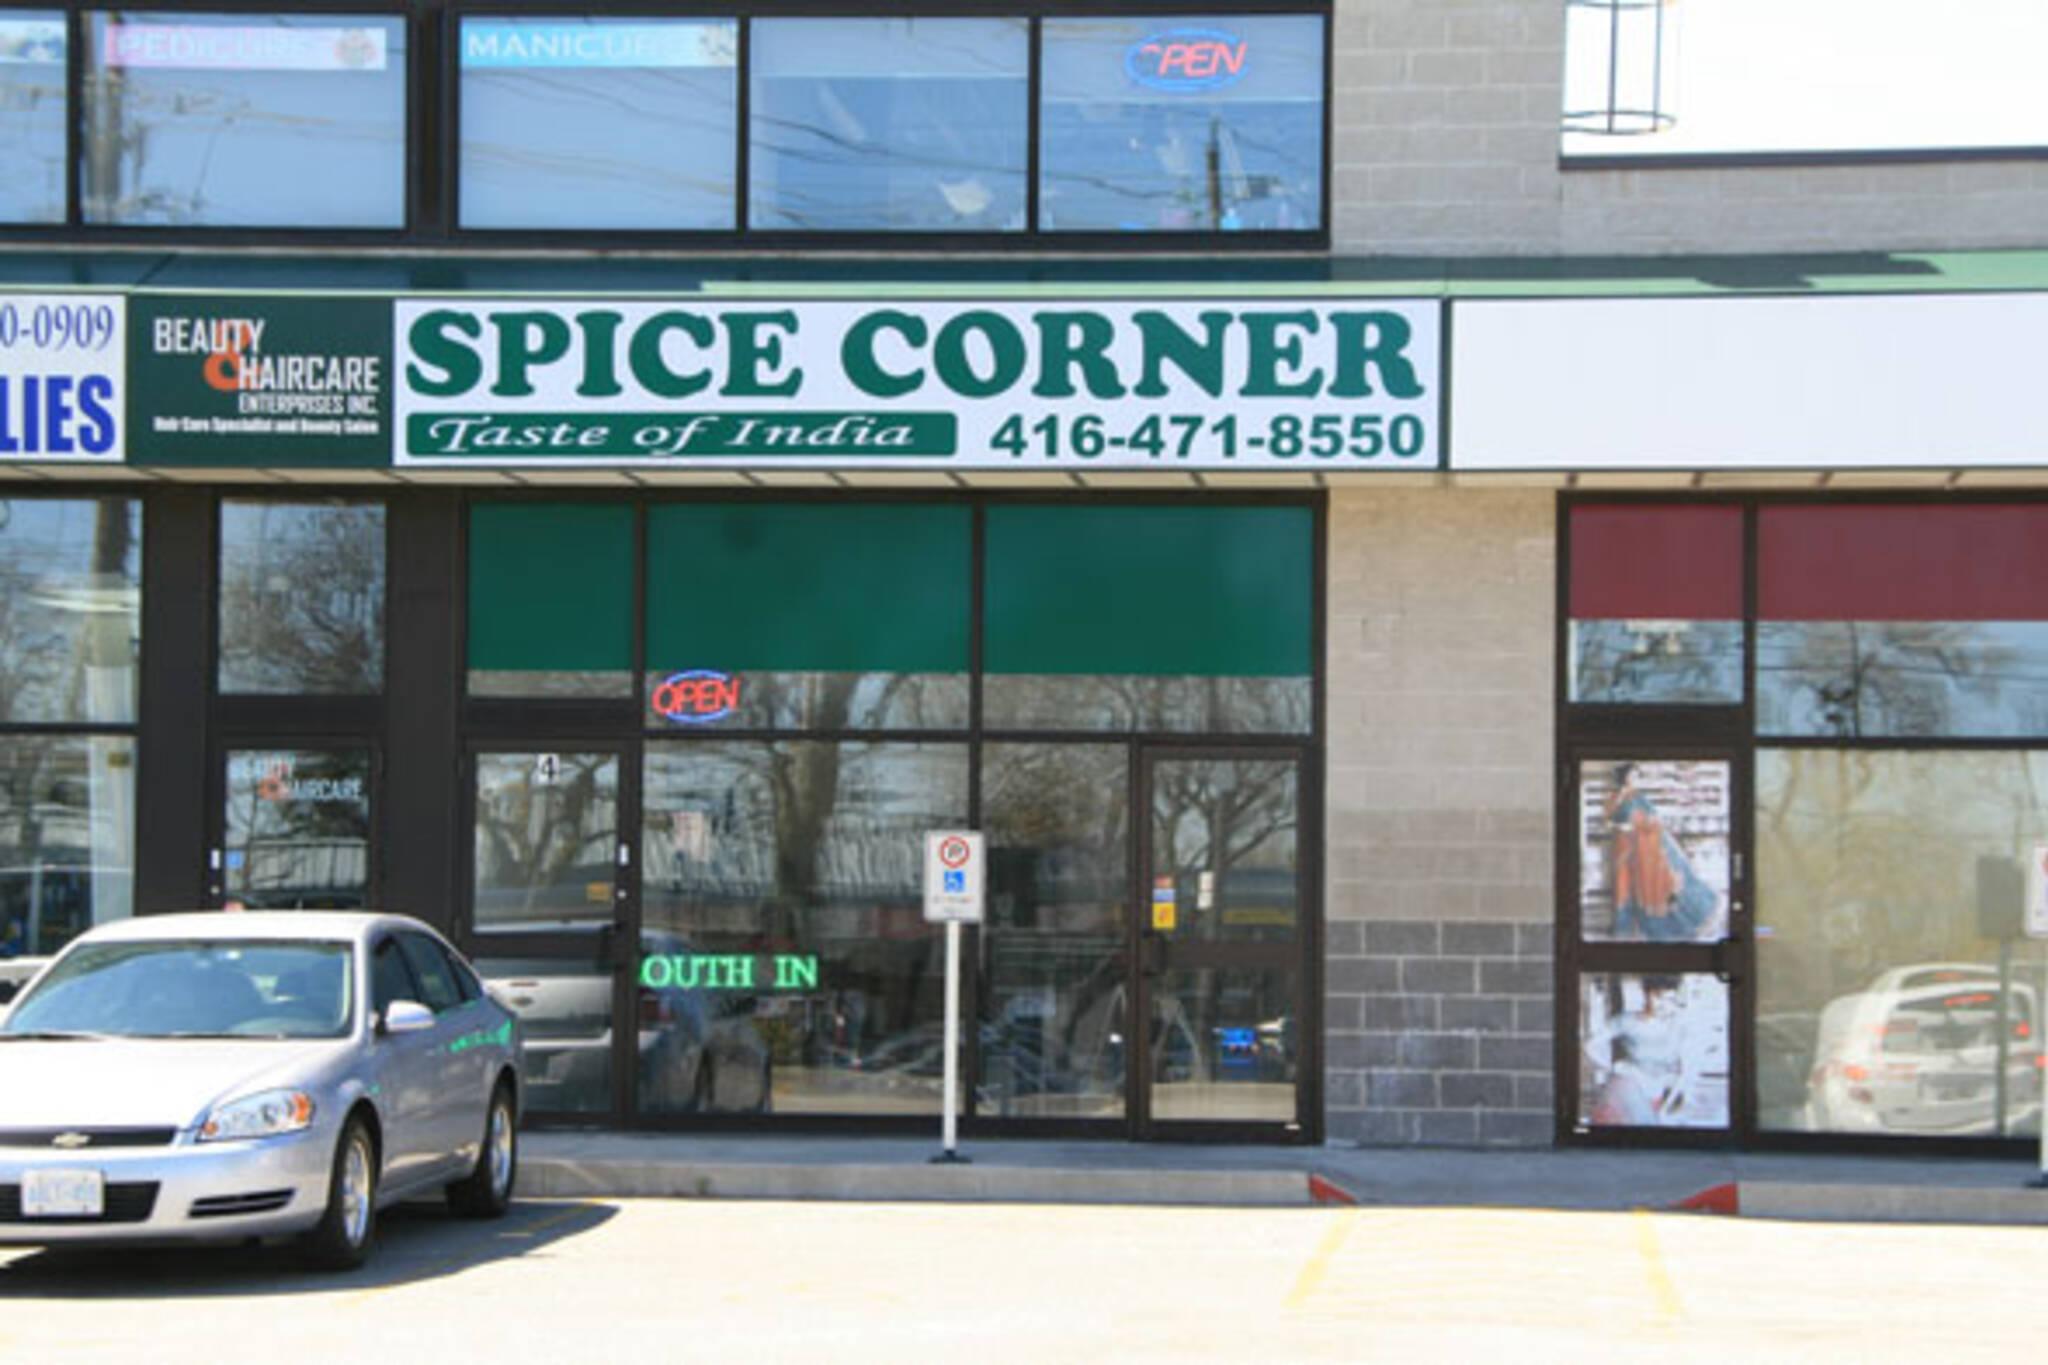 Spice Corner Taste of India